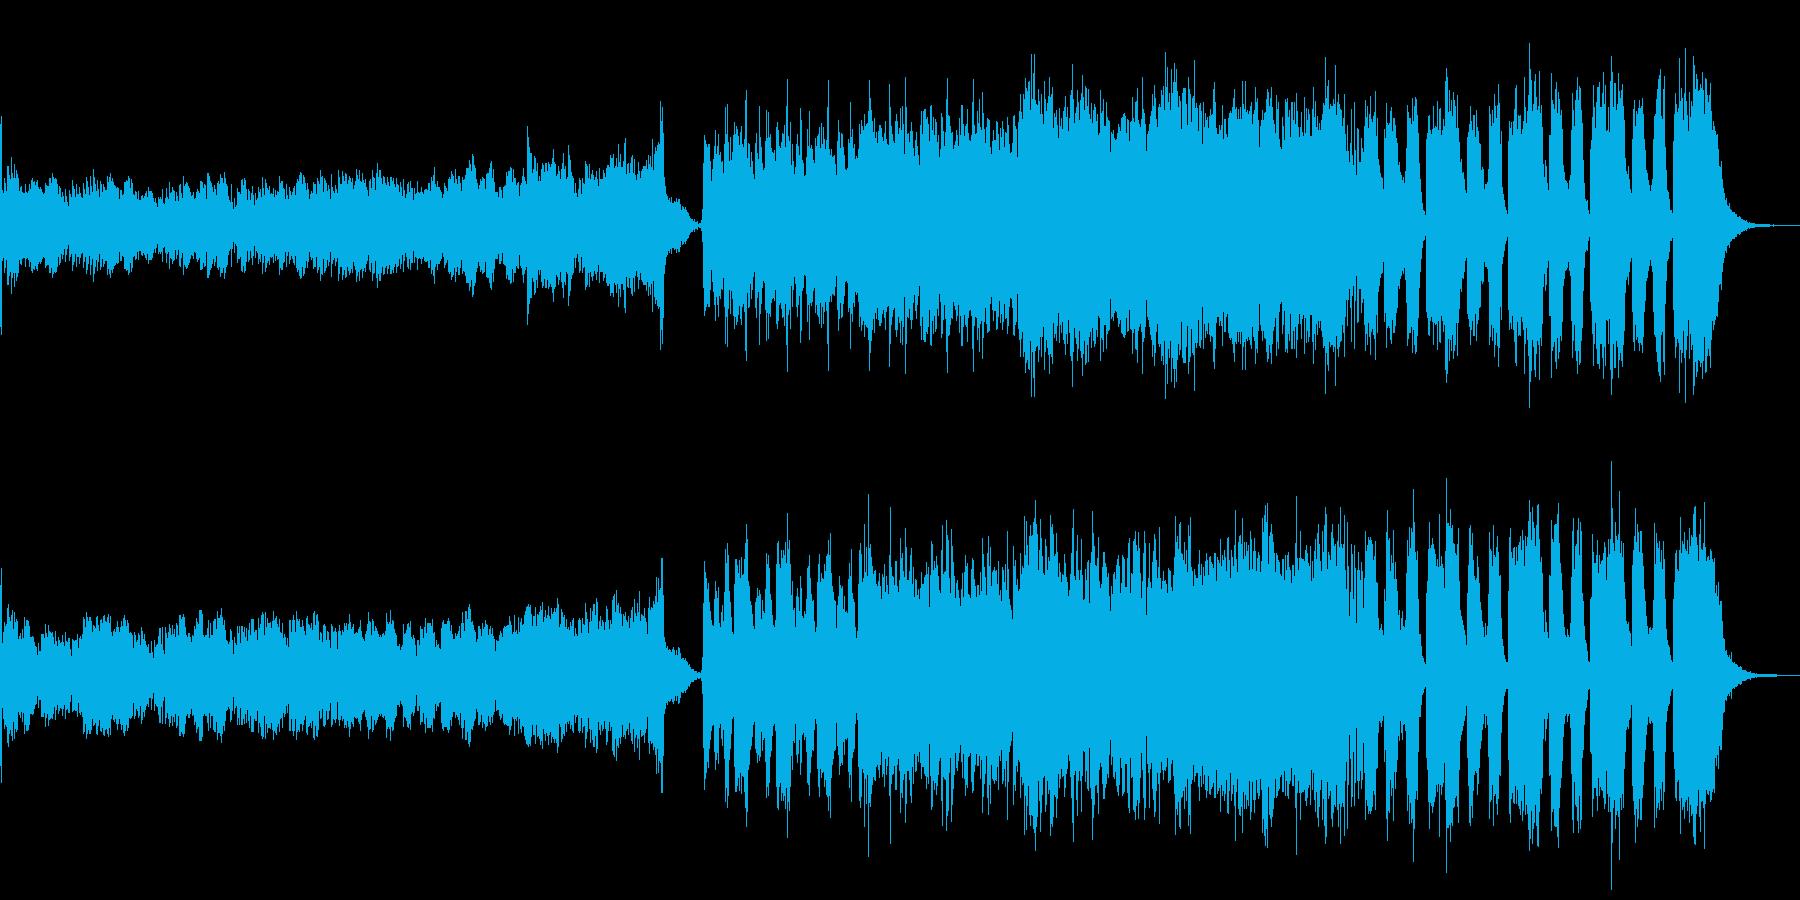 テーマソング、映画の予告動画をイメージの再生済みの波形